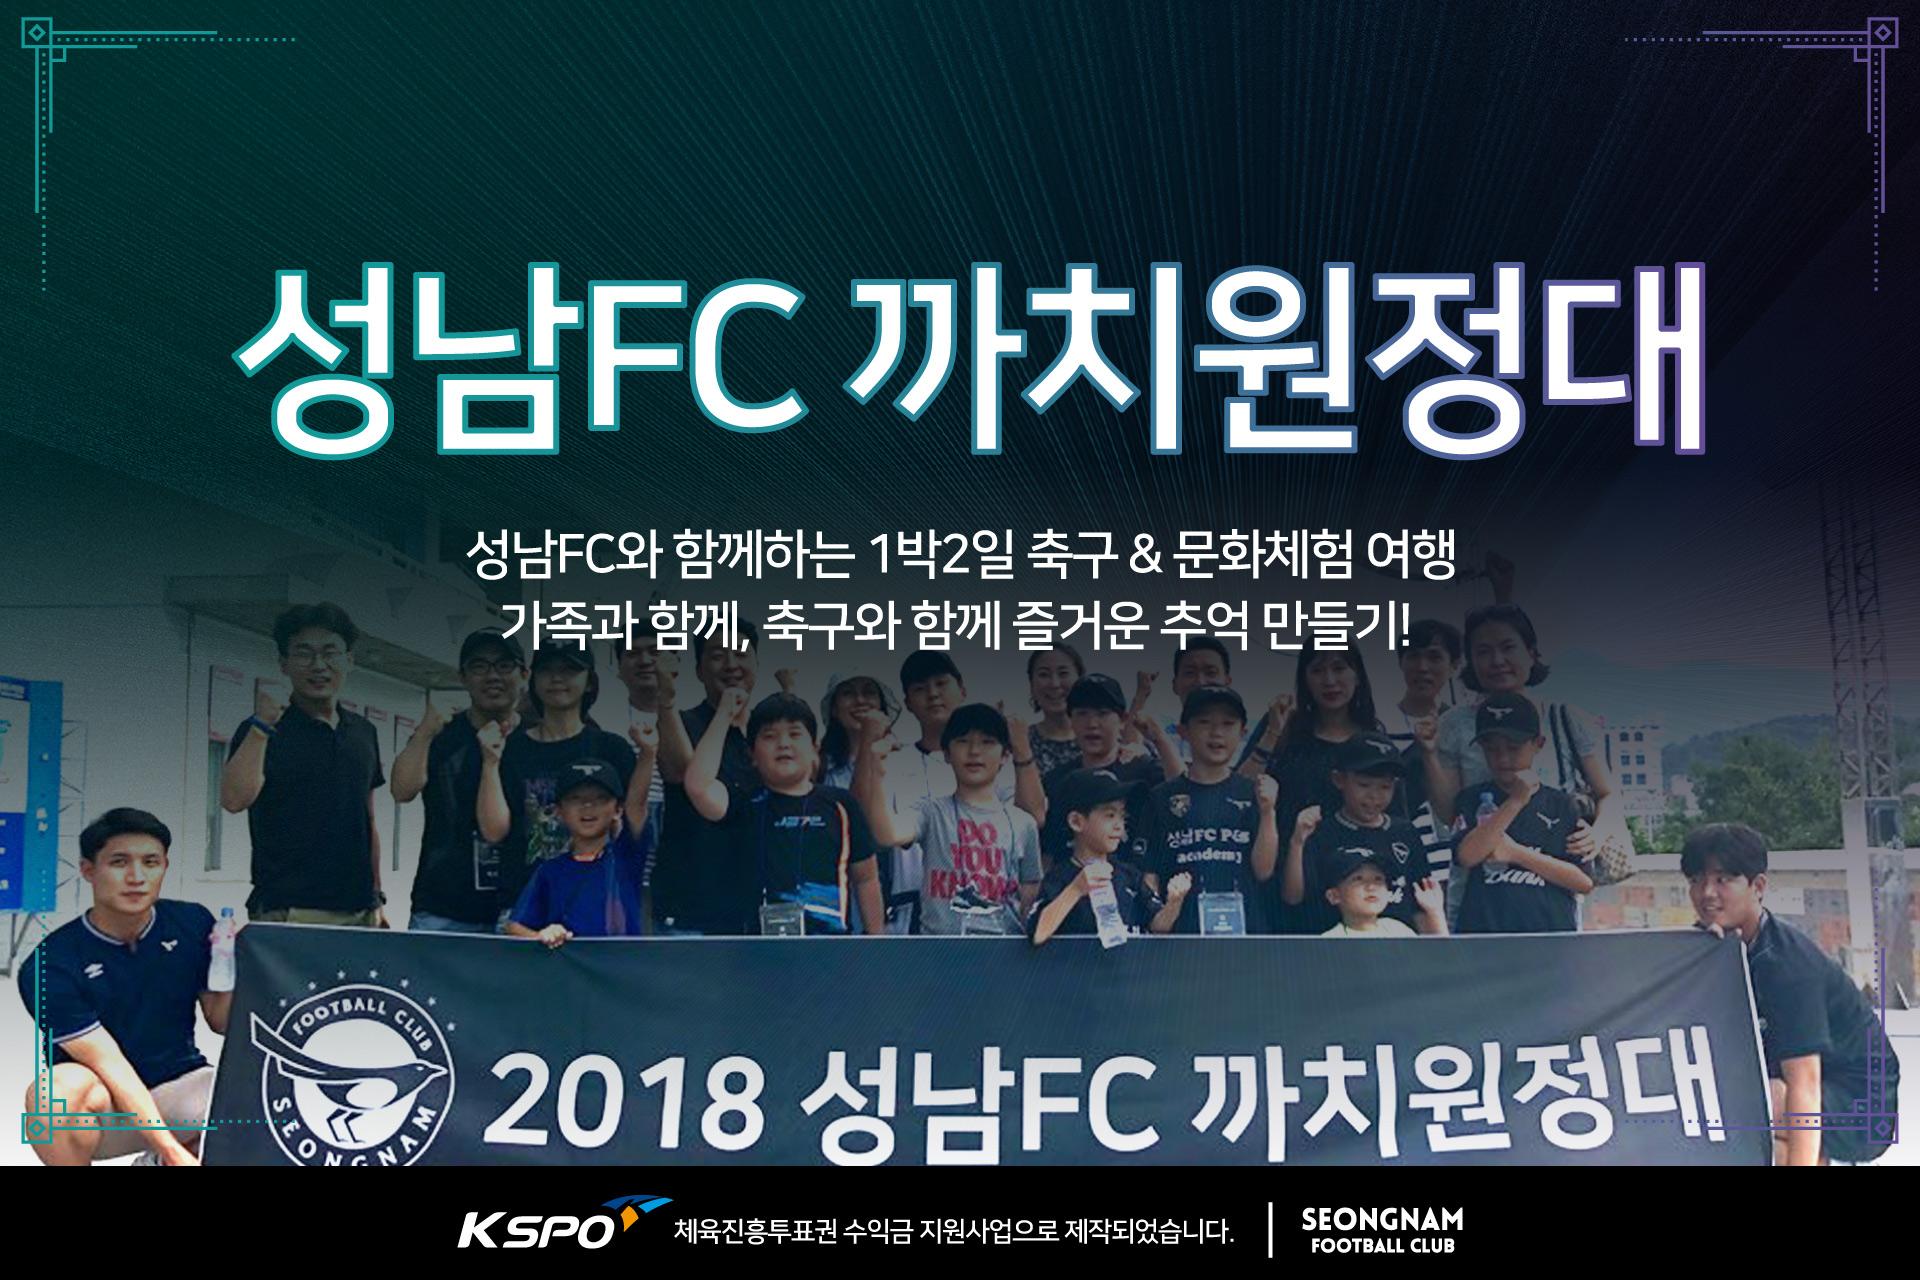 성남FC, 2018 2차 원정경기 문화체험 프로그램 '까치원정대' 모집_이미지